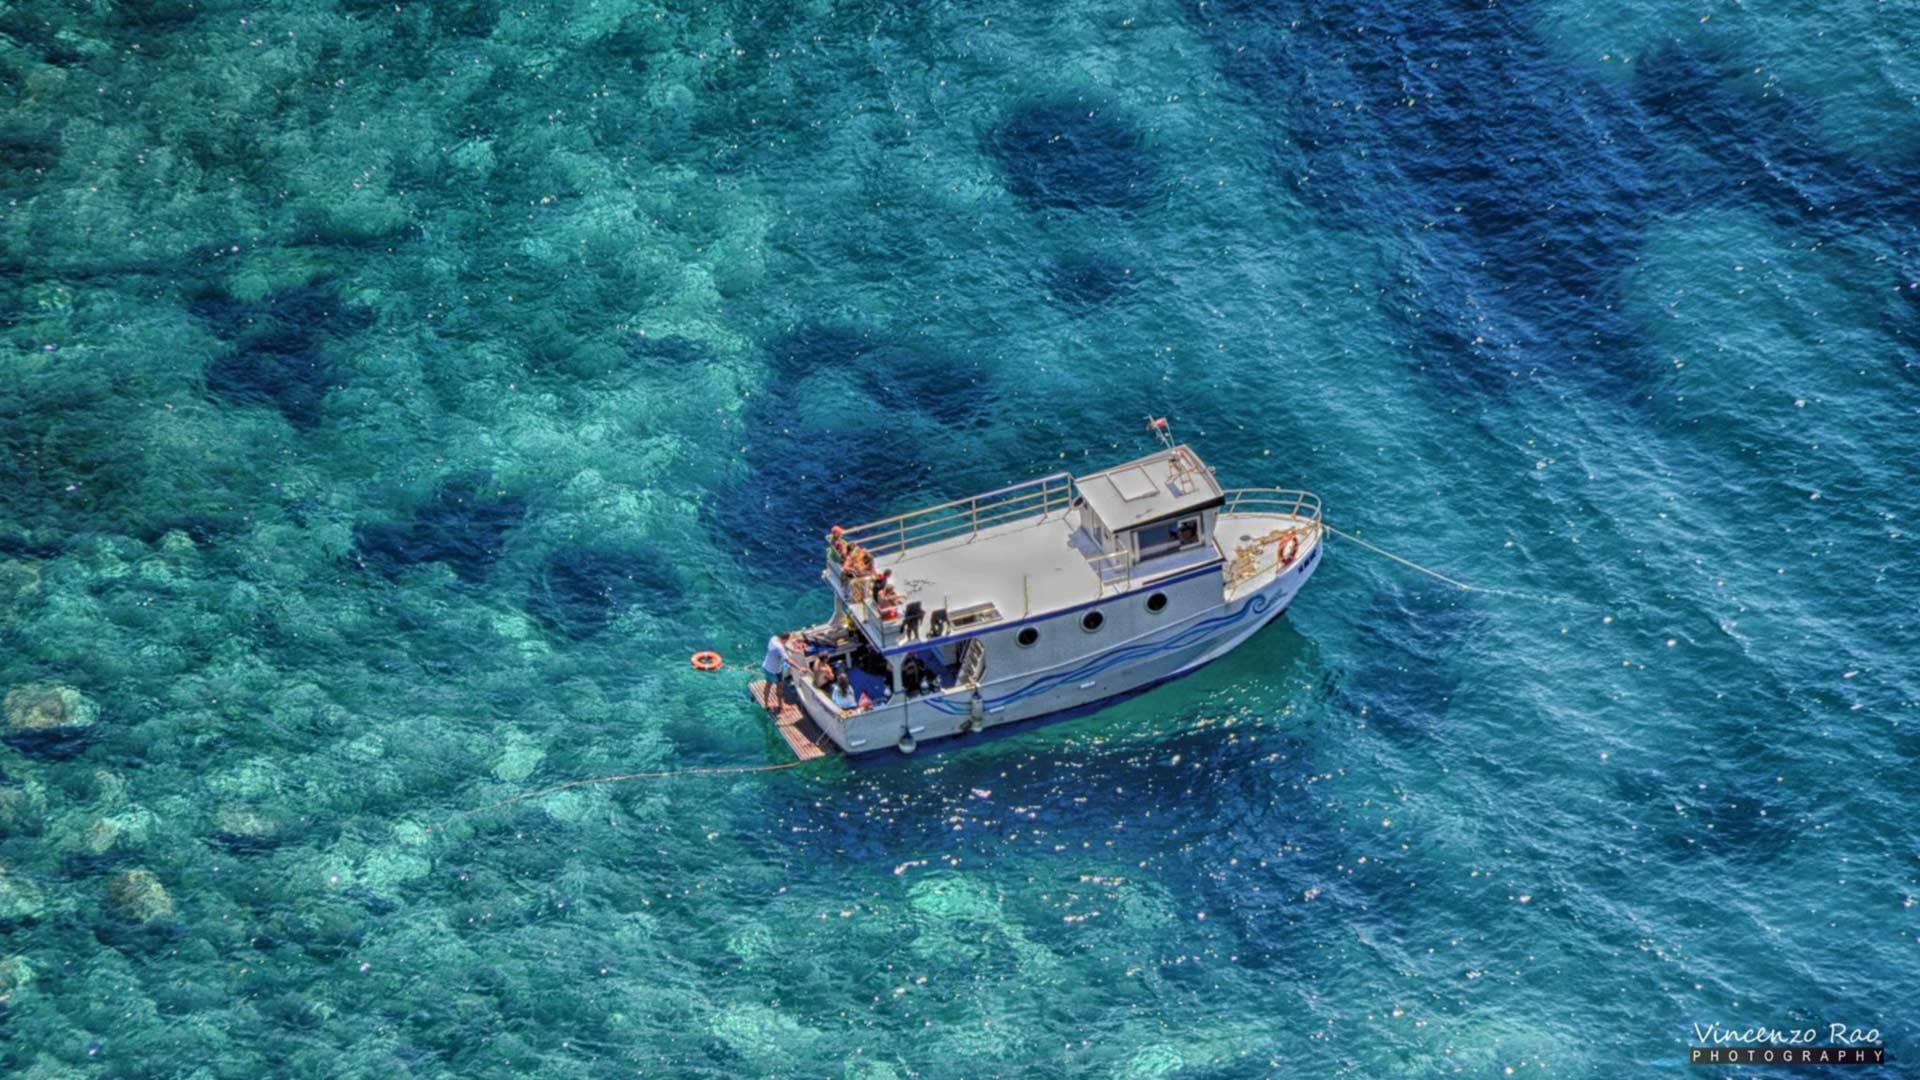 La nostra barca Tornado ormeggiata nella baia di Naxos